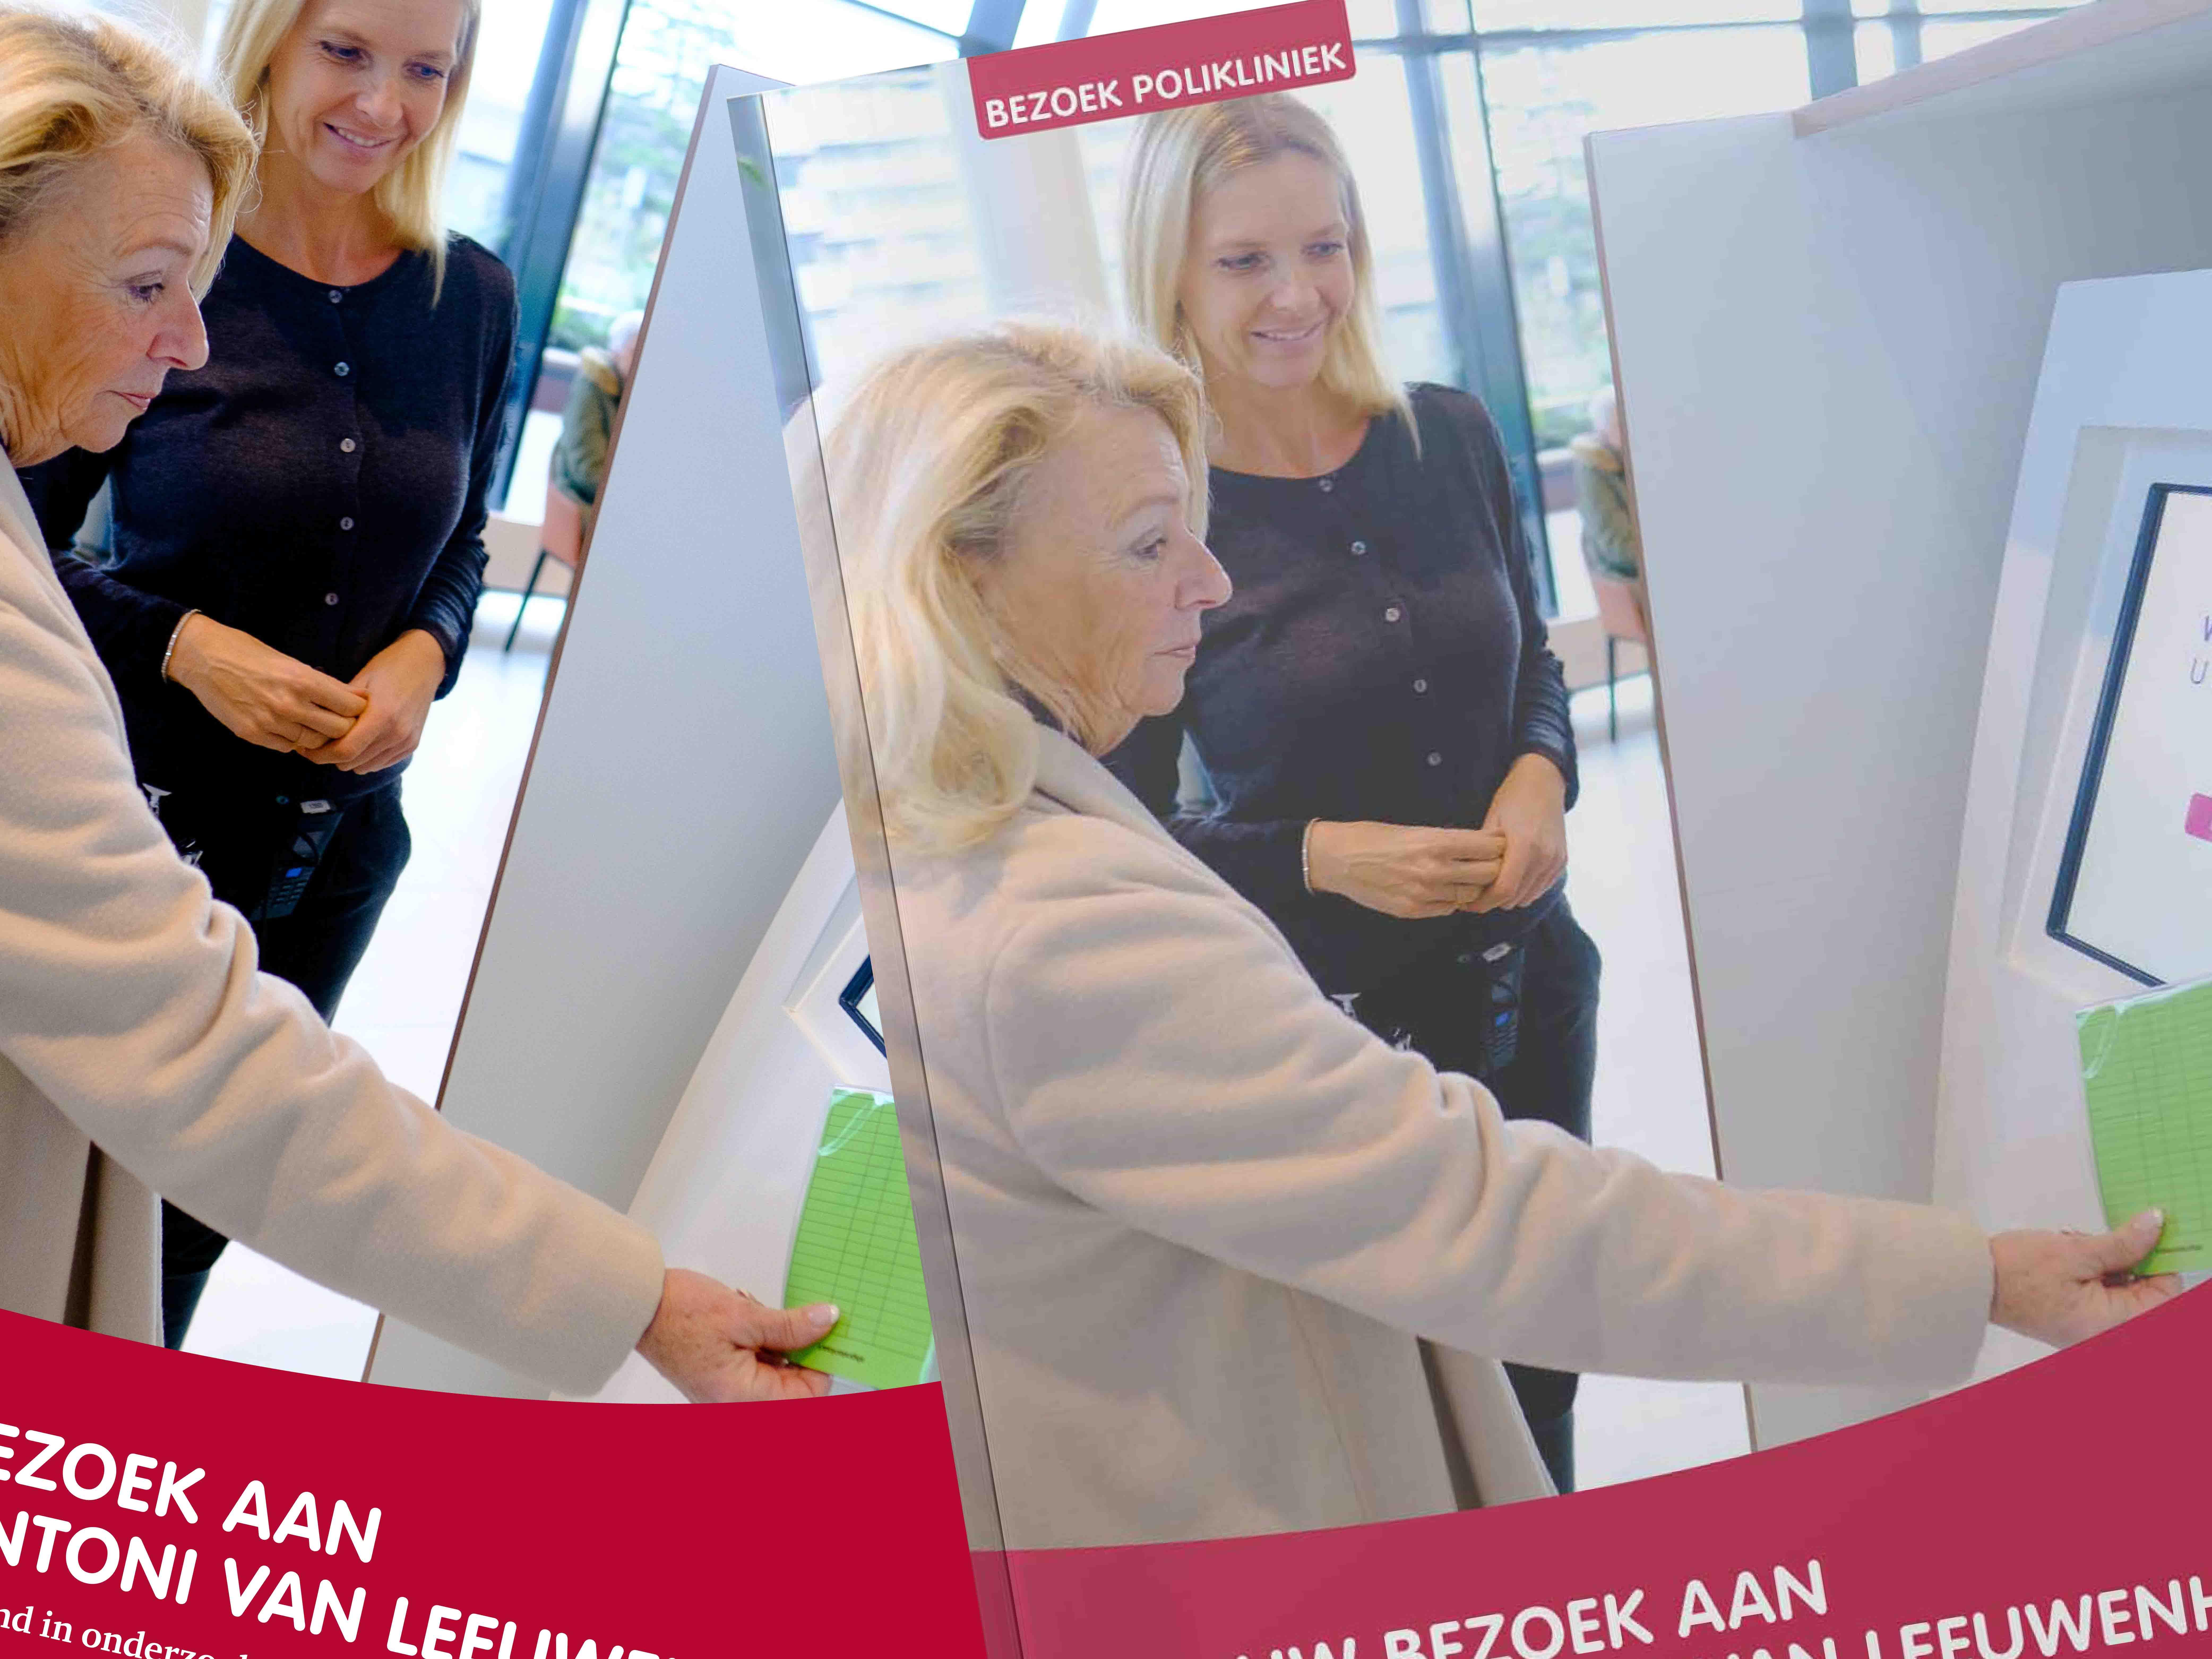 Antoni van Leeuwenhoek brochure bezoek aan het AVL